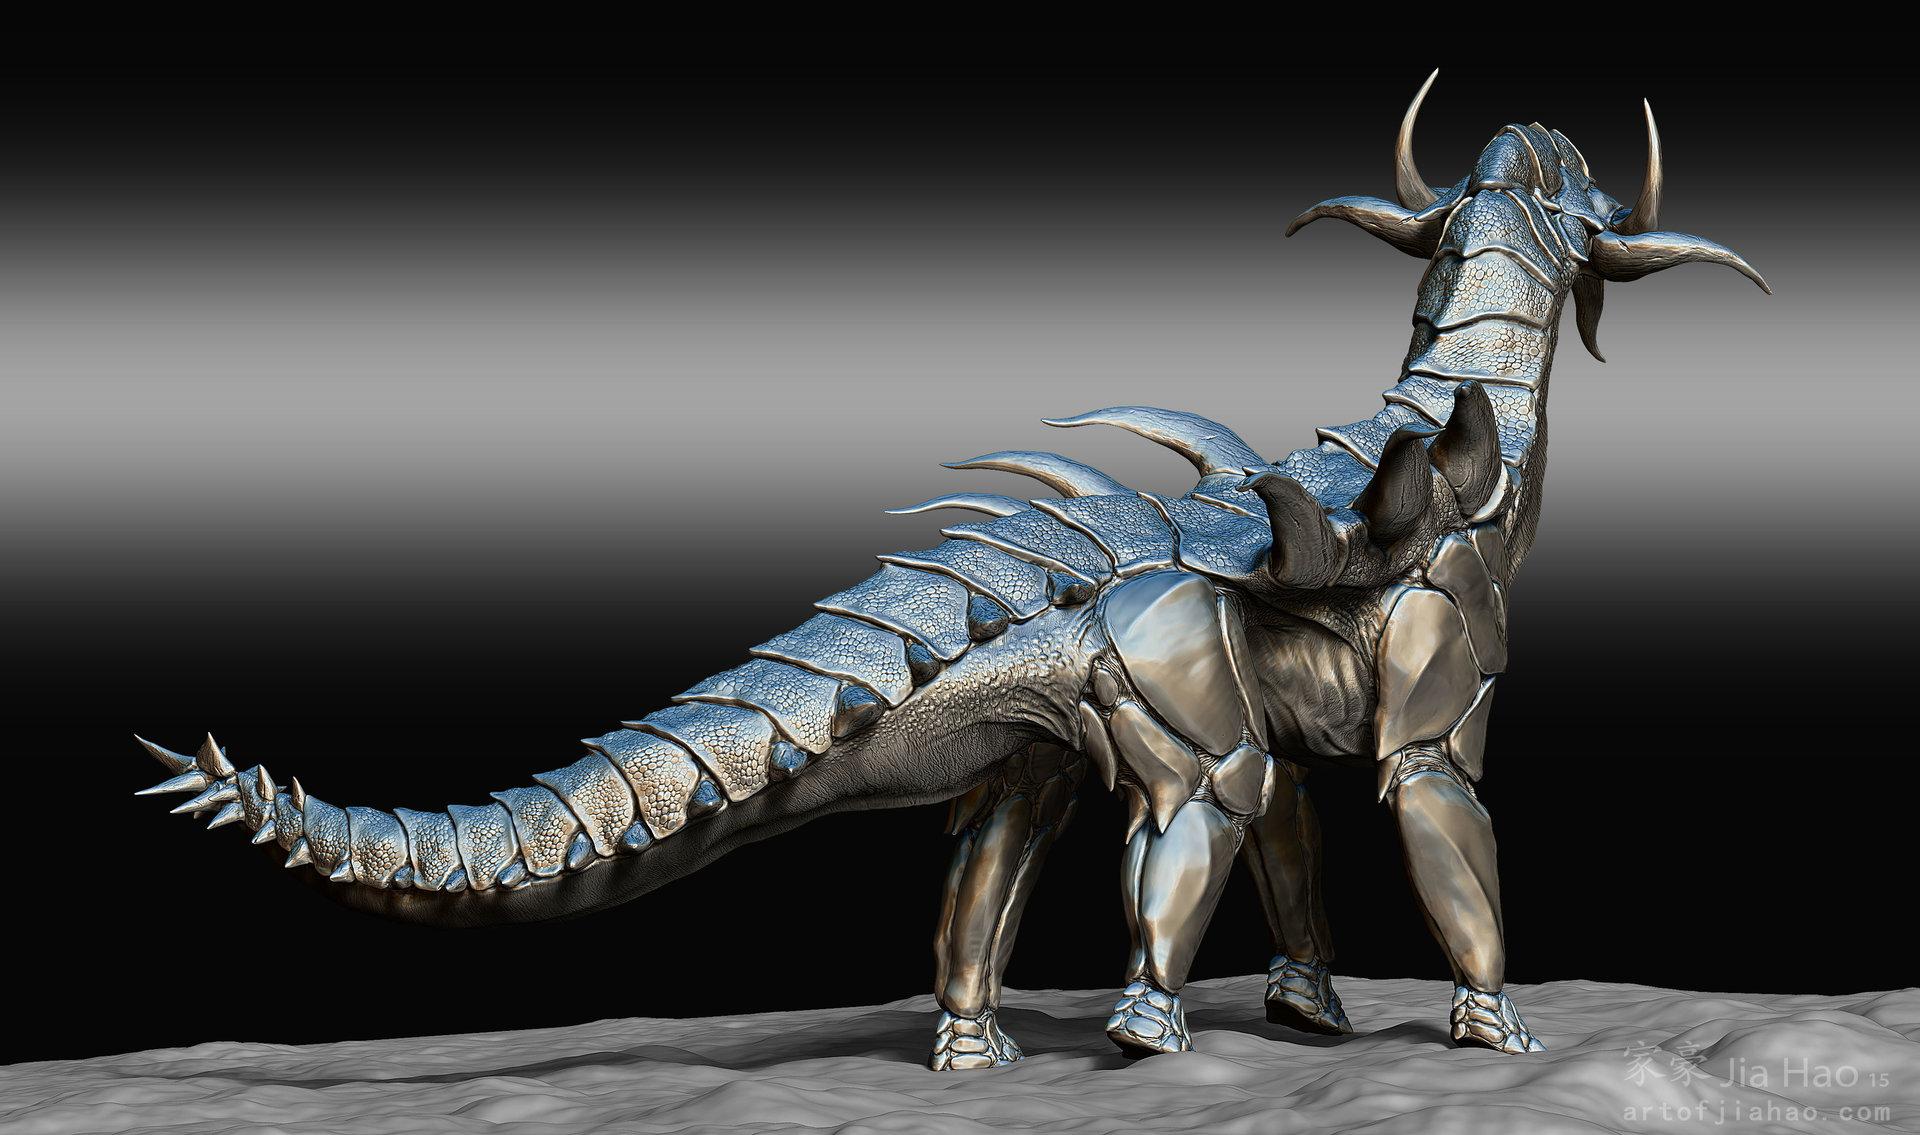 Jia hao 2015 08 dino designpresentations sculpt 06